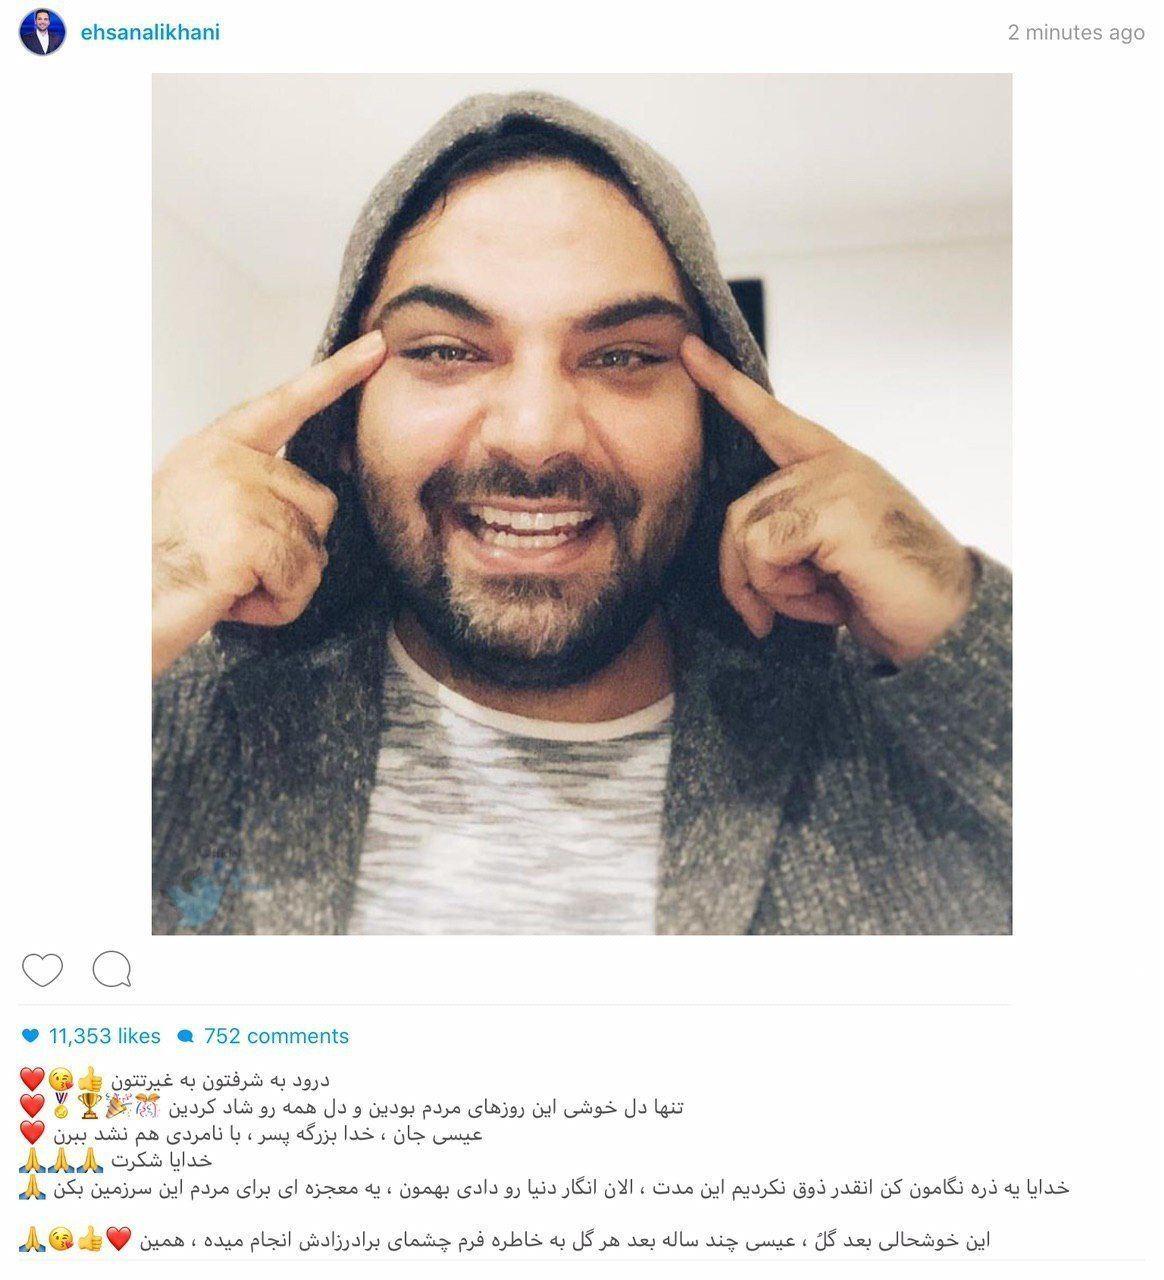 واکنش احسان علیخانی به برد پرسپولیس + عکس